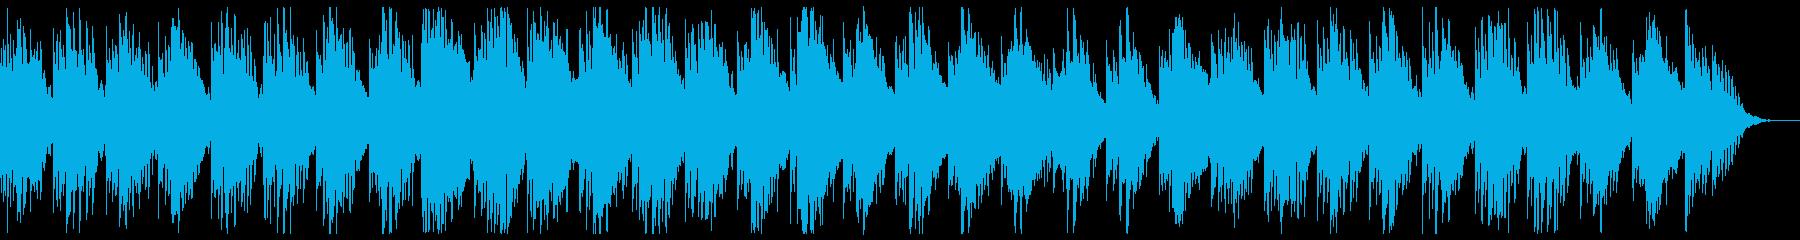 水面下に水が滴るイメージの楽曲の再生済みの波形